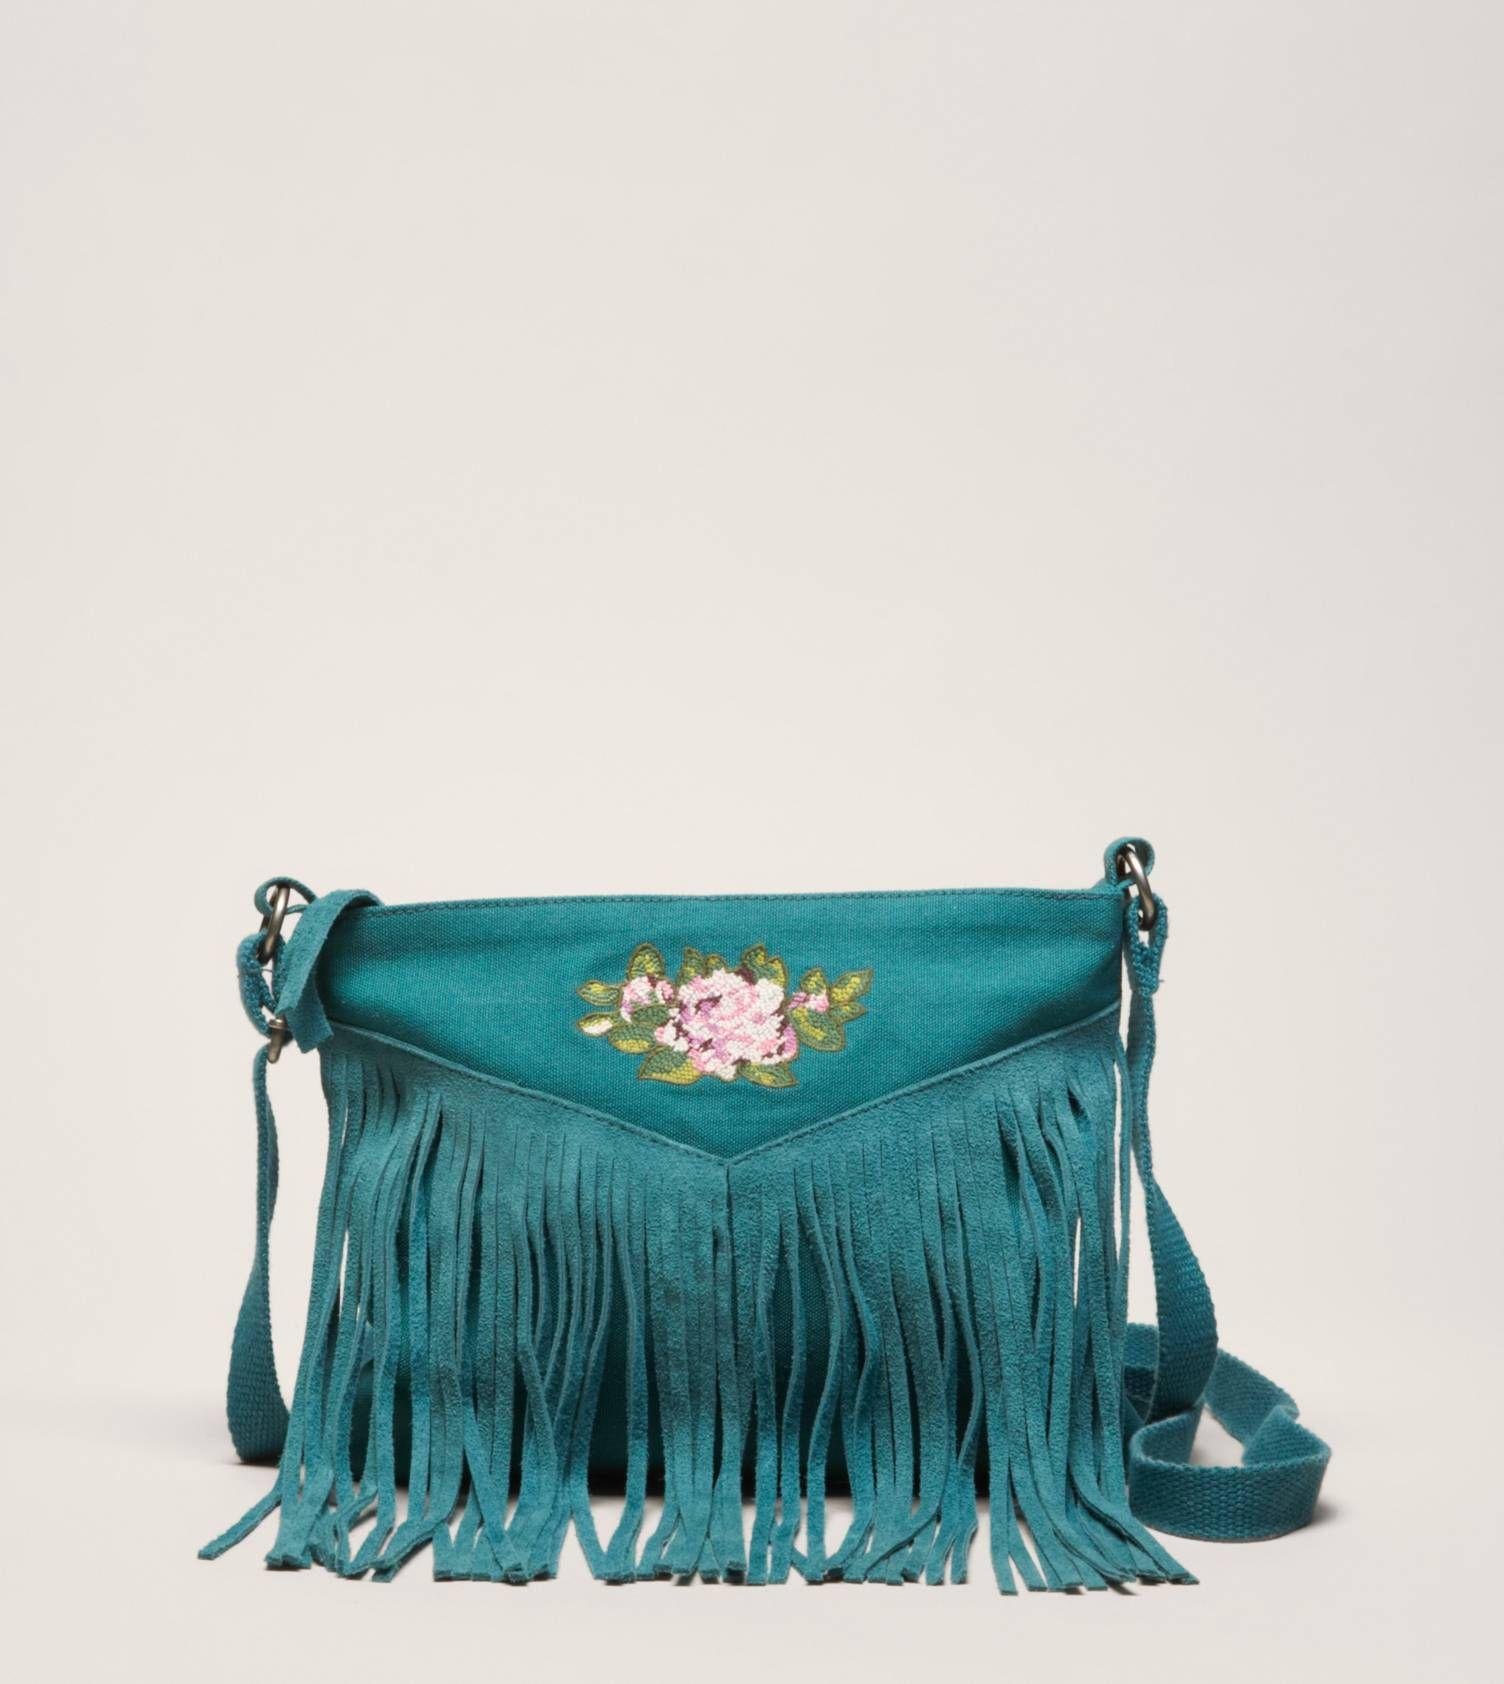 Teal Fringe Bag with Floral Motif